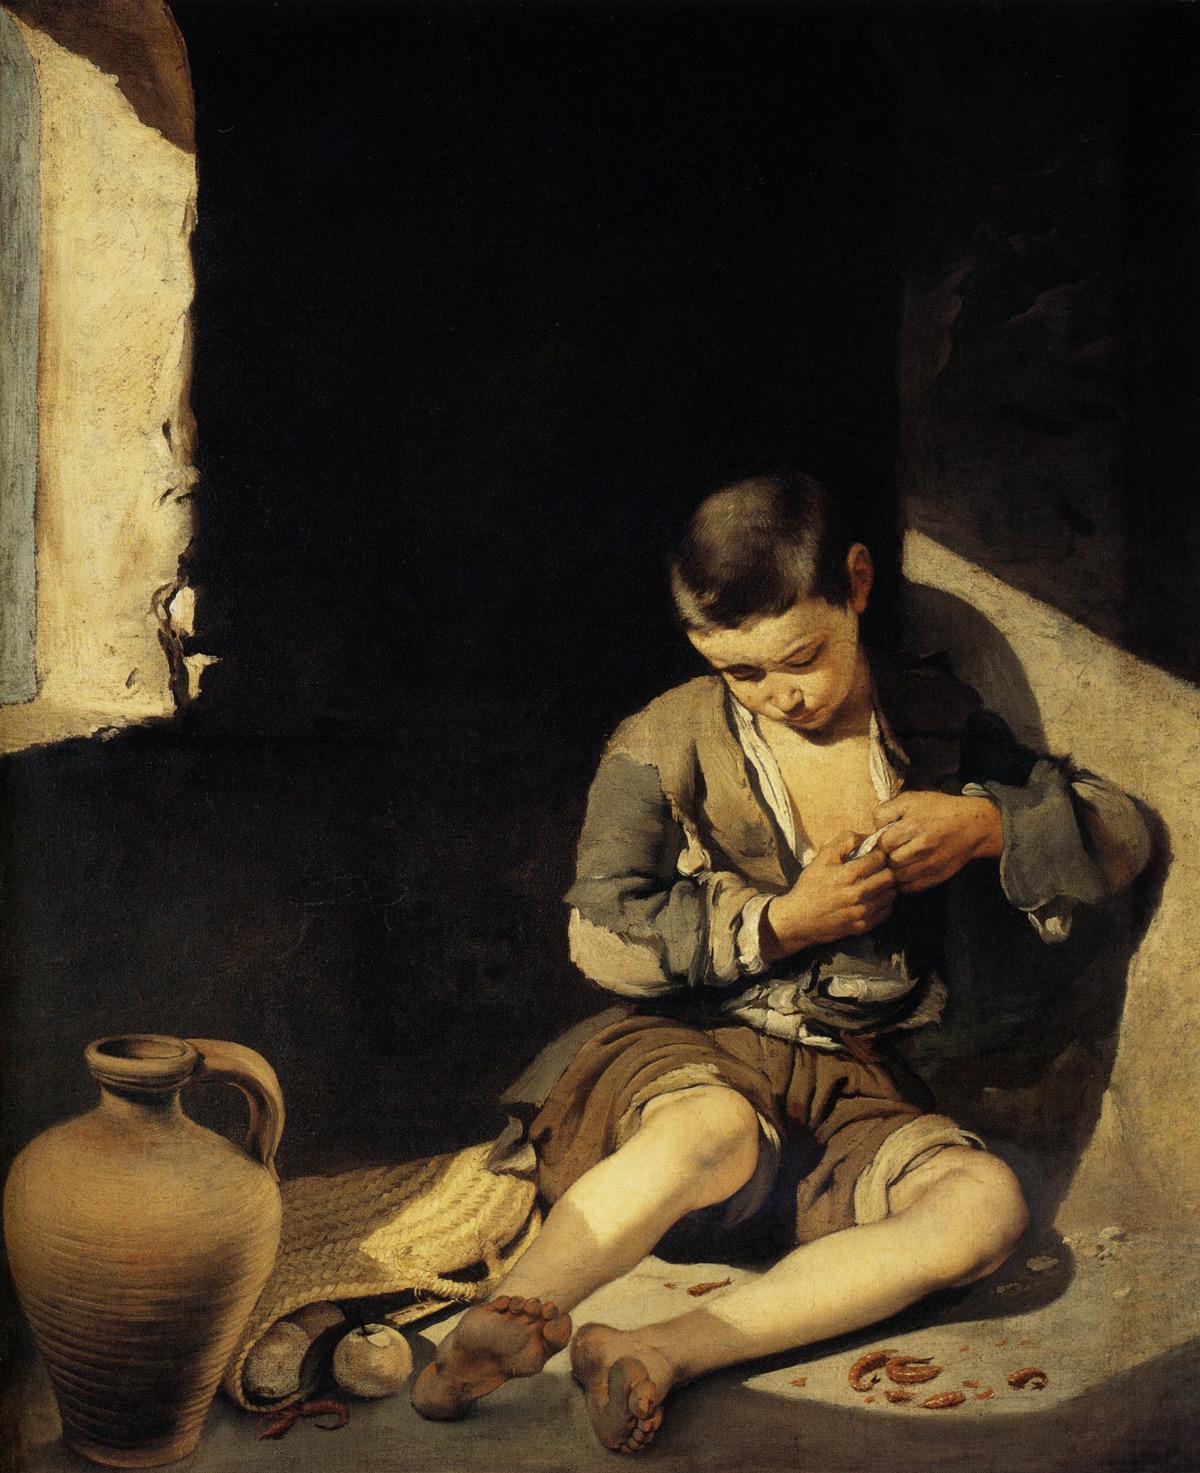 Bartolome Esteban Murillo, Le jeune mendiant © Collection du Musée du Louvre, Paris - Wikipédia